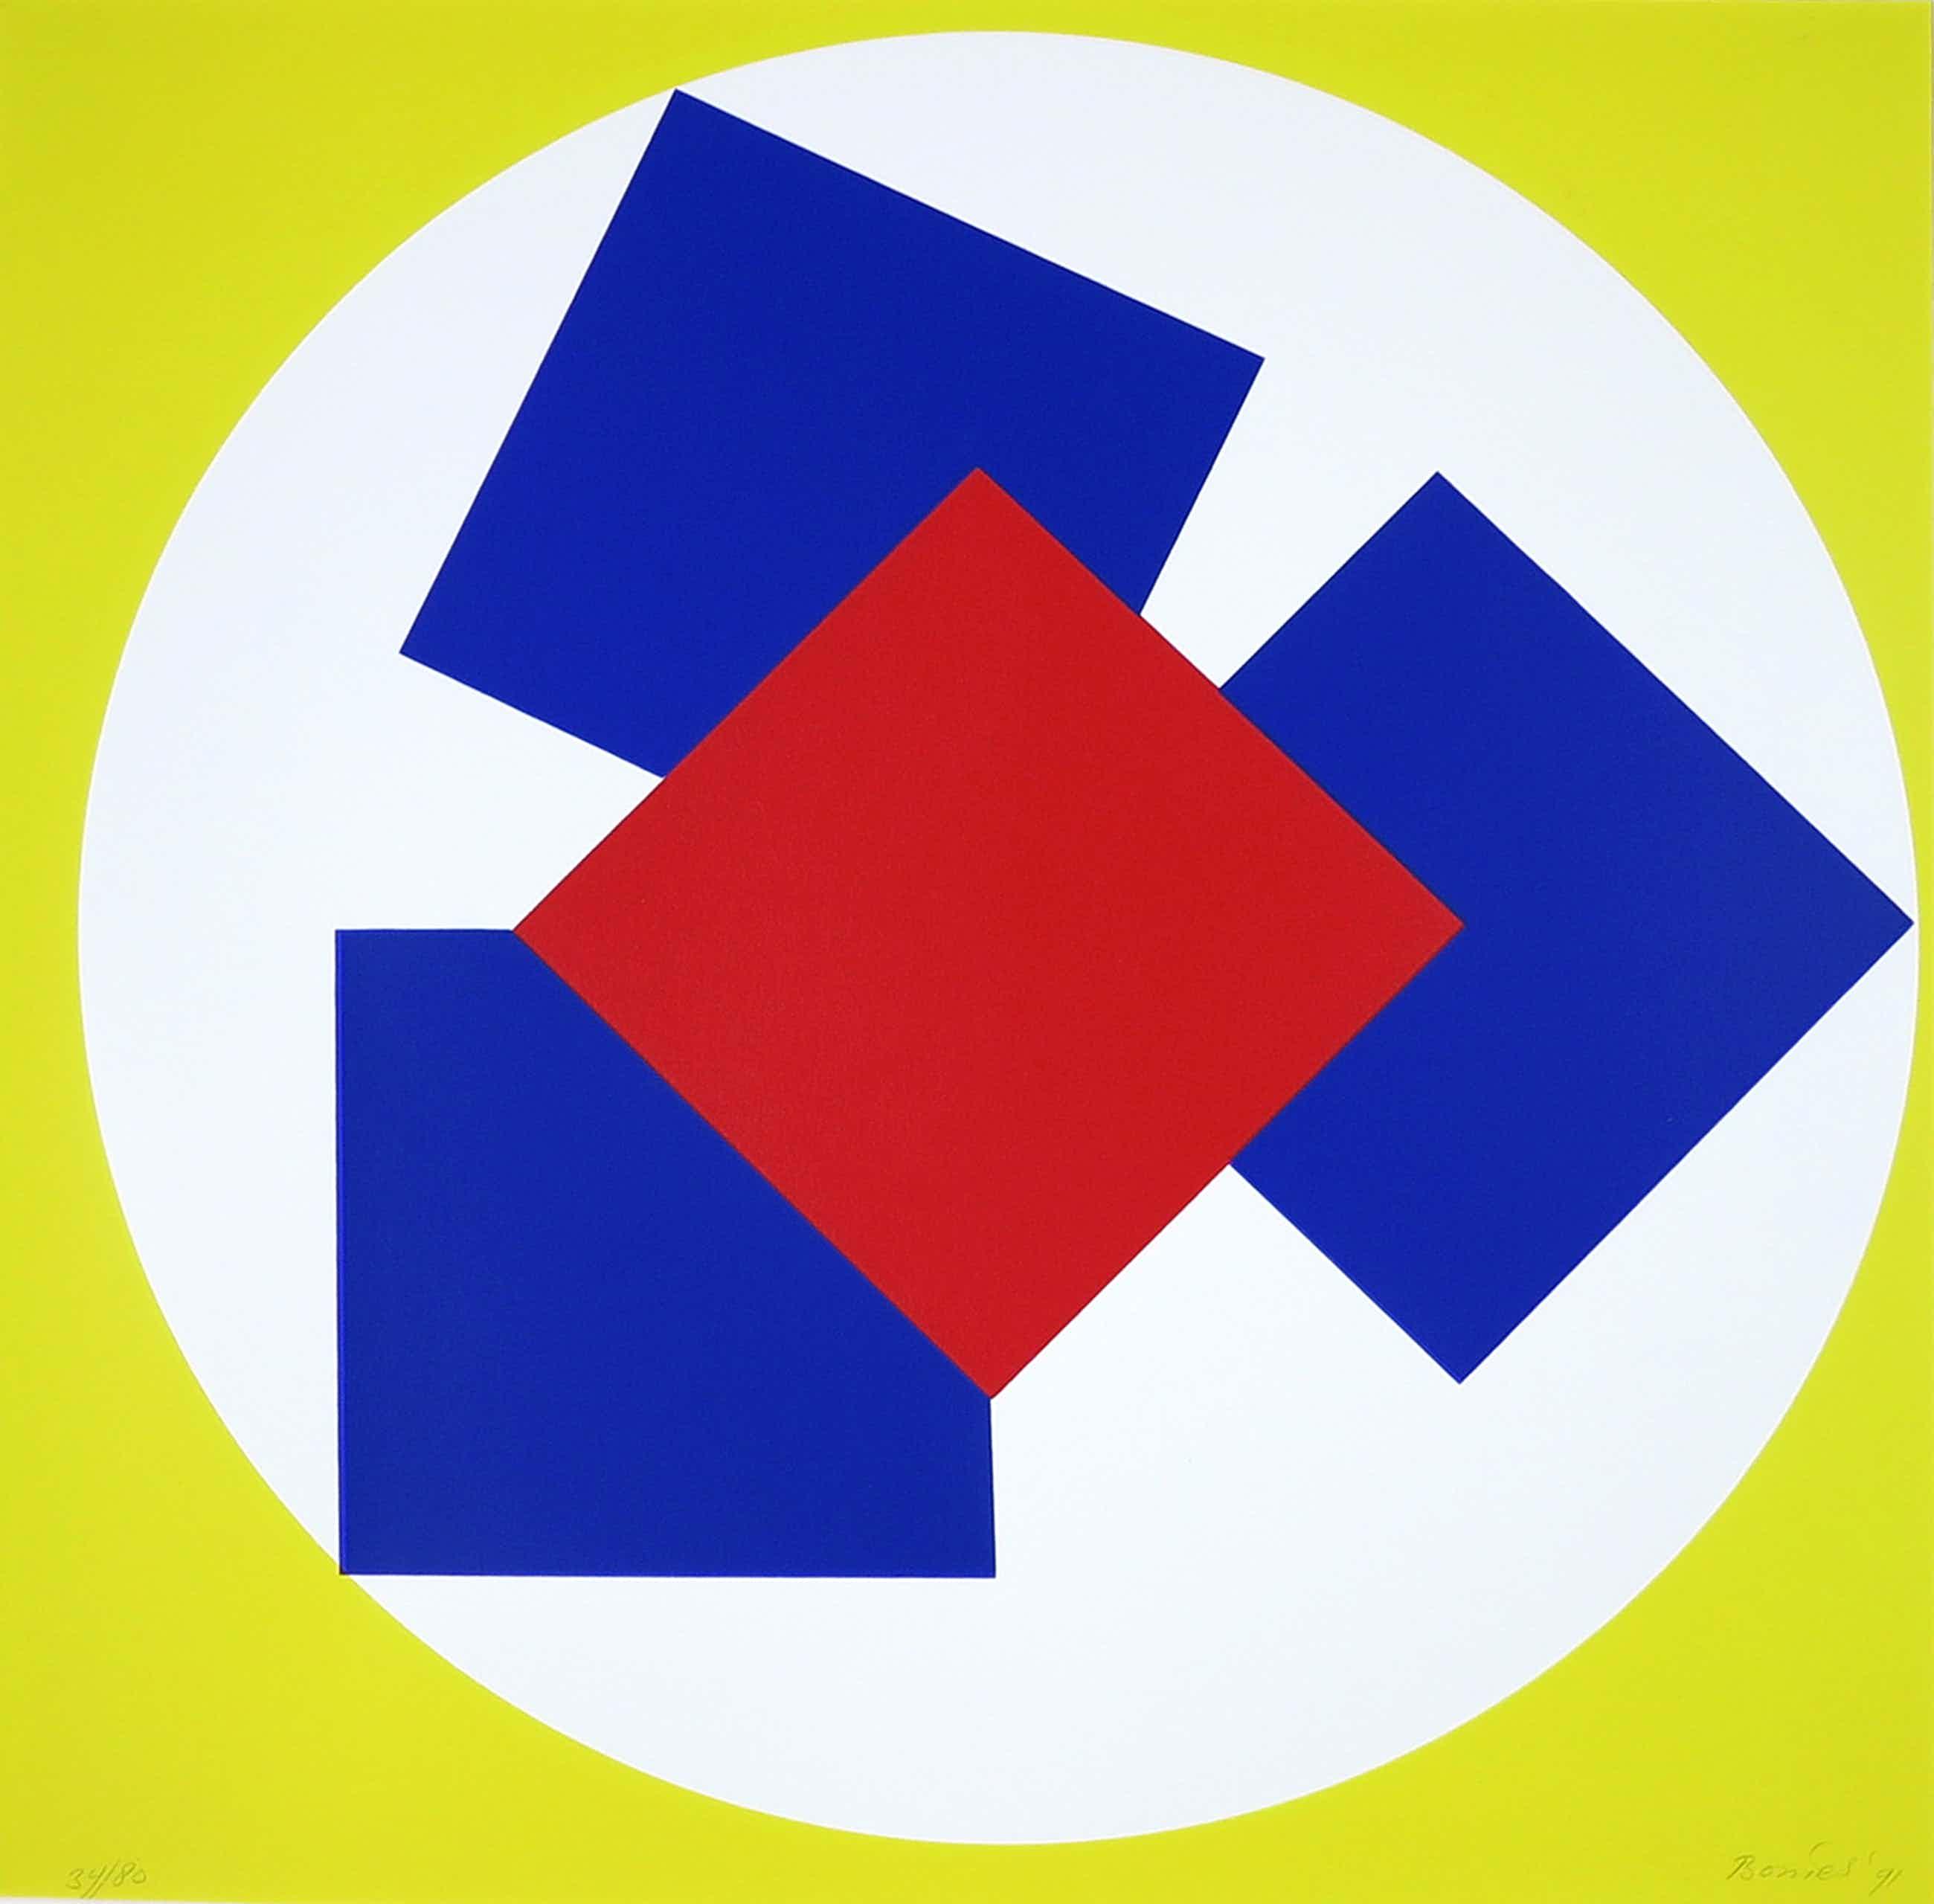 Bob Bonies - Zeefdruk, Z.t. Geometrisch Abstractie kopen? Bied vanaf 80!